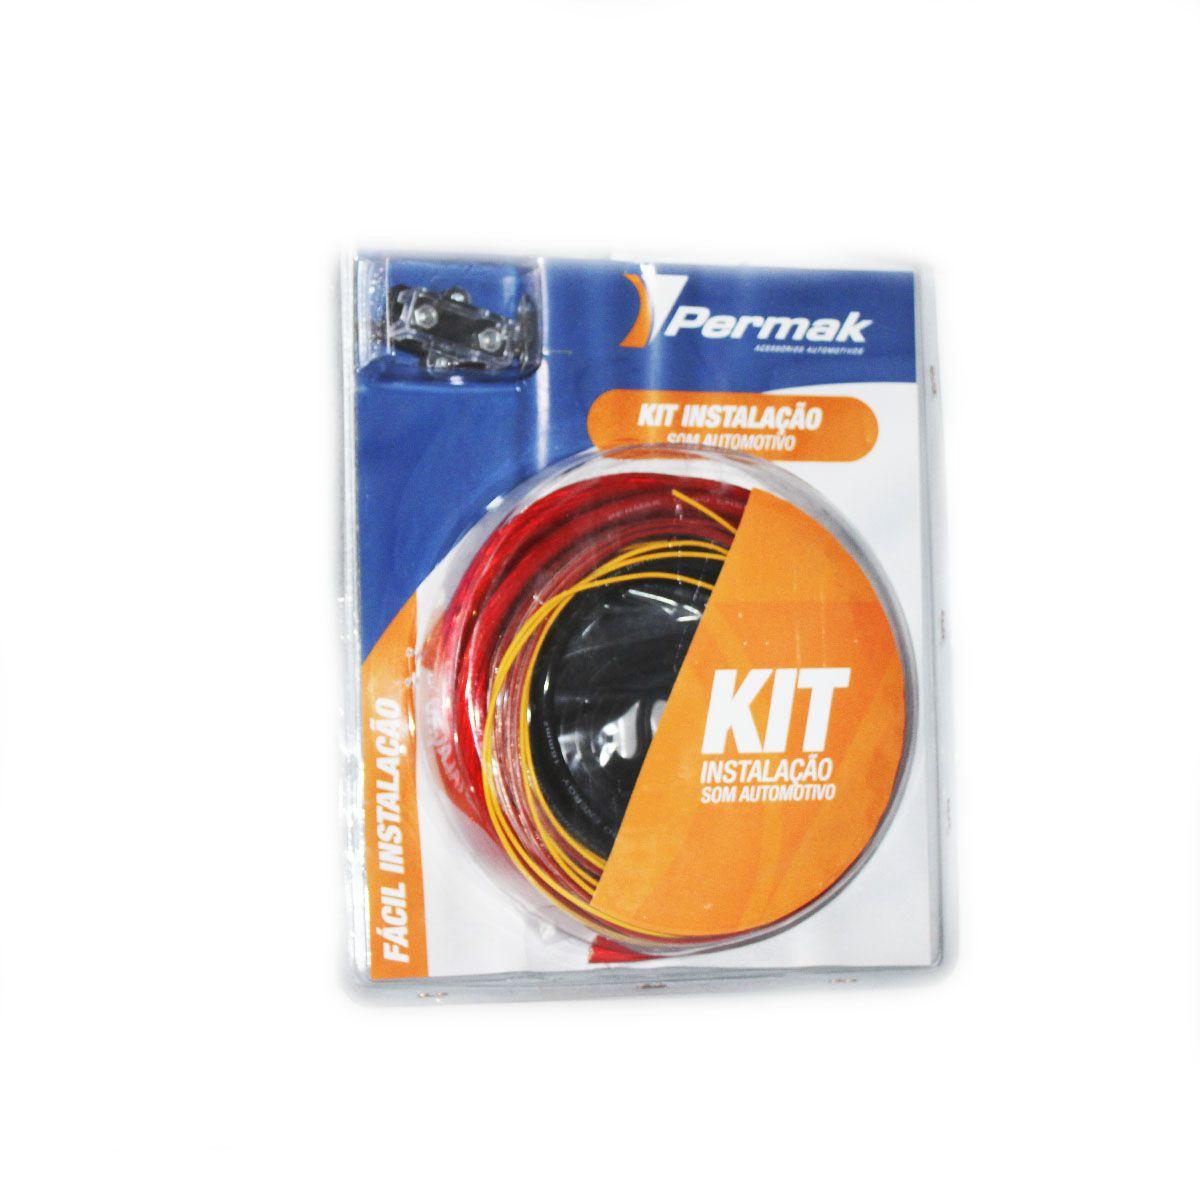 Kit Instalação Som Automotivo Capacidade Potência 1500 W Rms